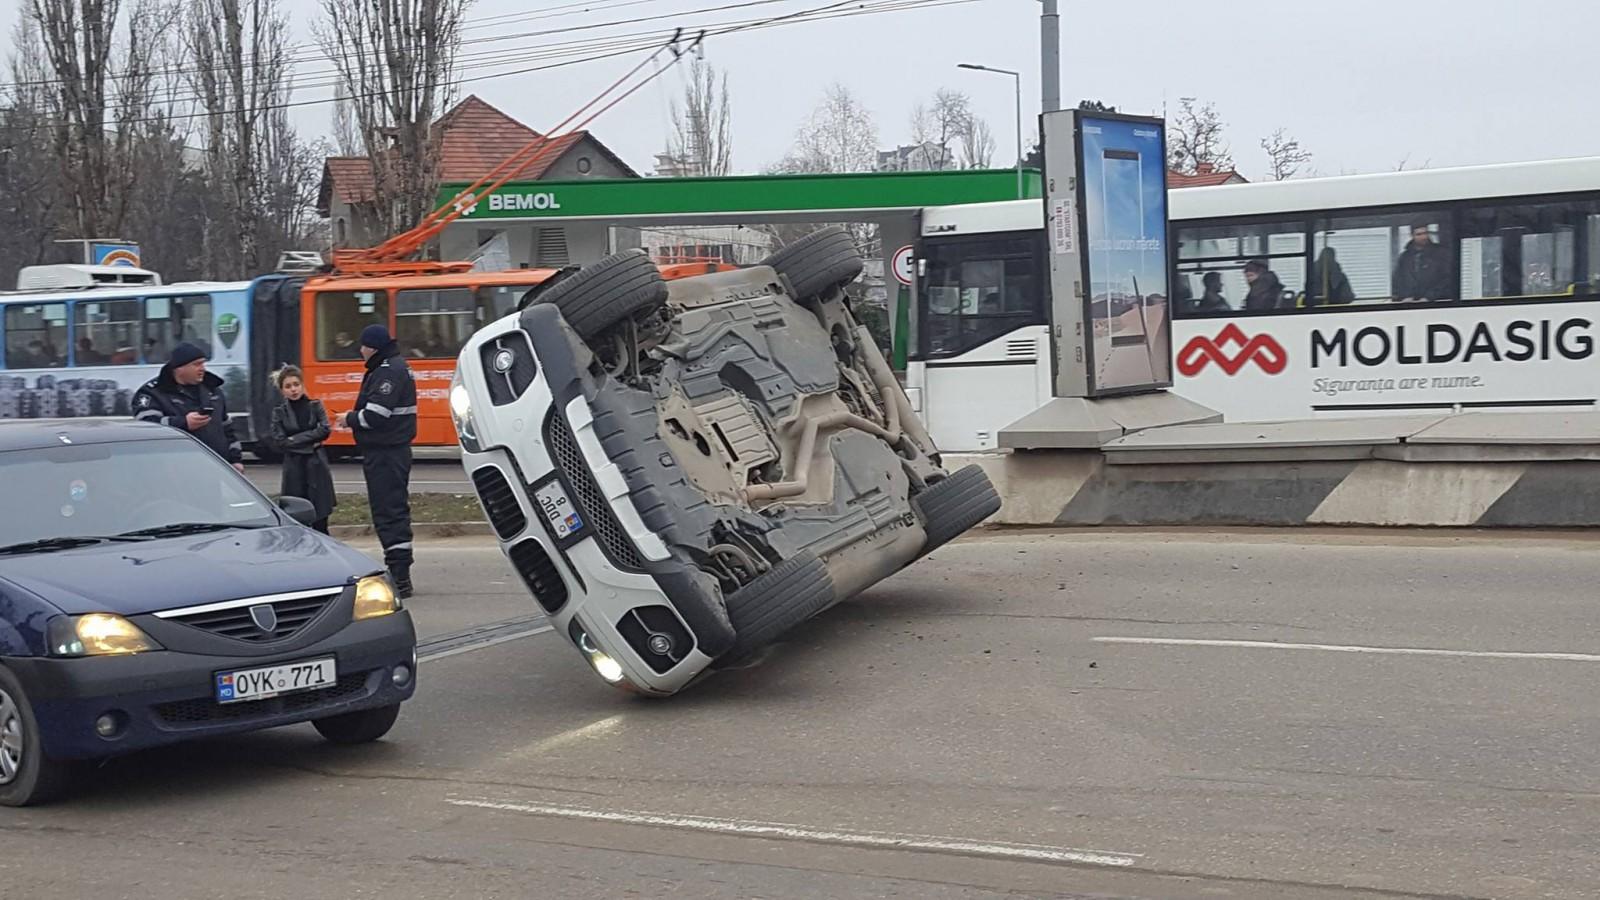 (video) Chişinău: Maşina răsturnată pe viaduct era dotată cu dispozitive de semnalizare luminoasă